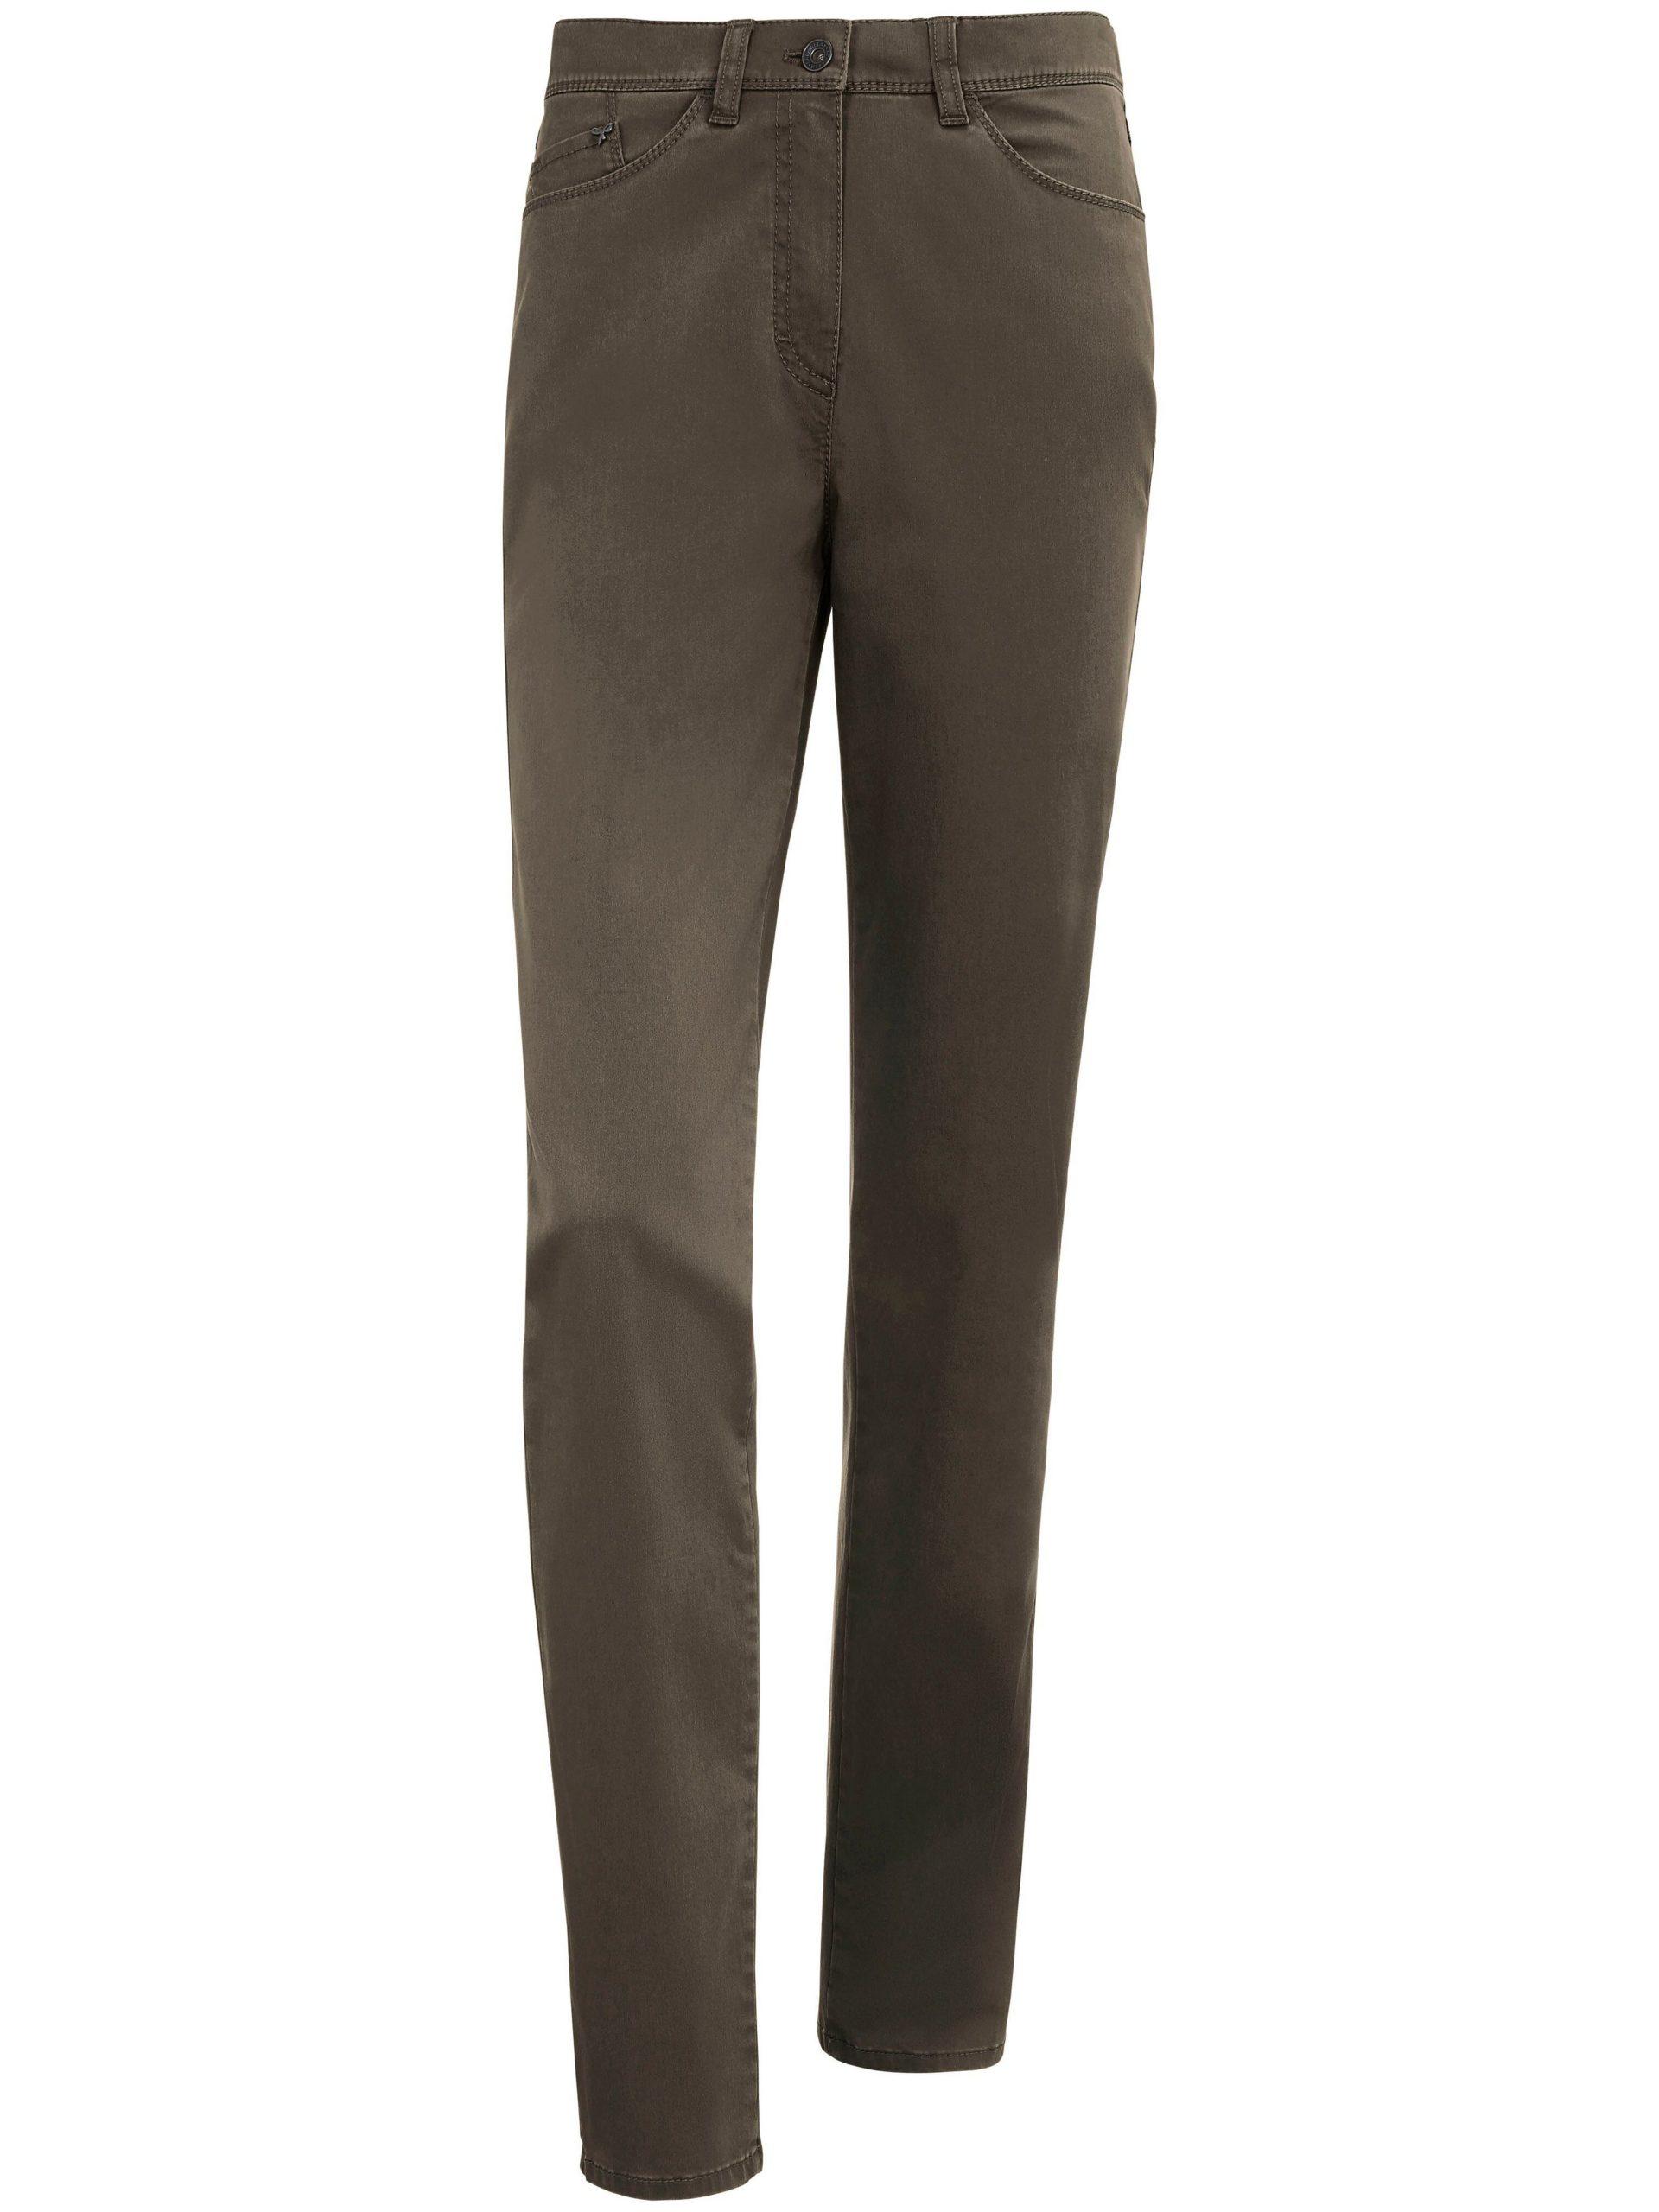 'ProForm S Super Slim' Thermolite®-broek Van Raphaela by Brax groen Kopen